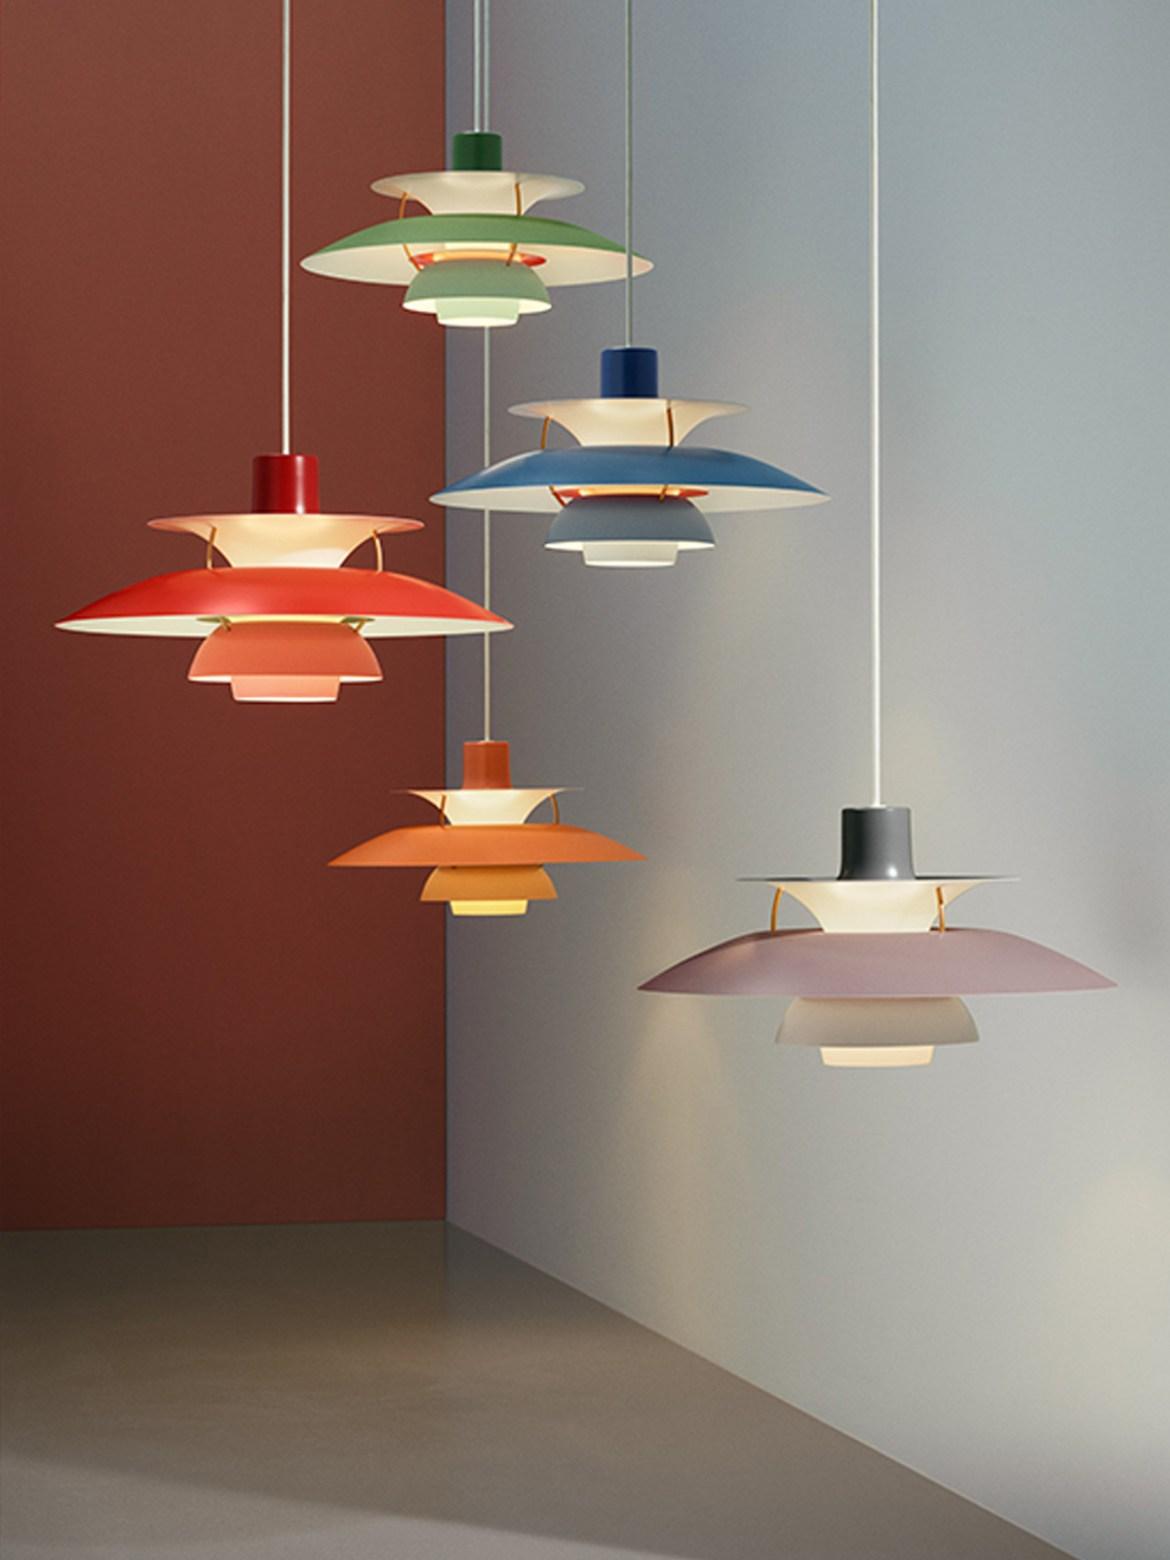 DesignOrt Blog: farbenfrohe Leuchten Poulsen PH 5 neue Farben